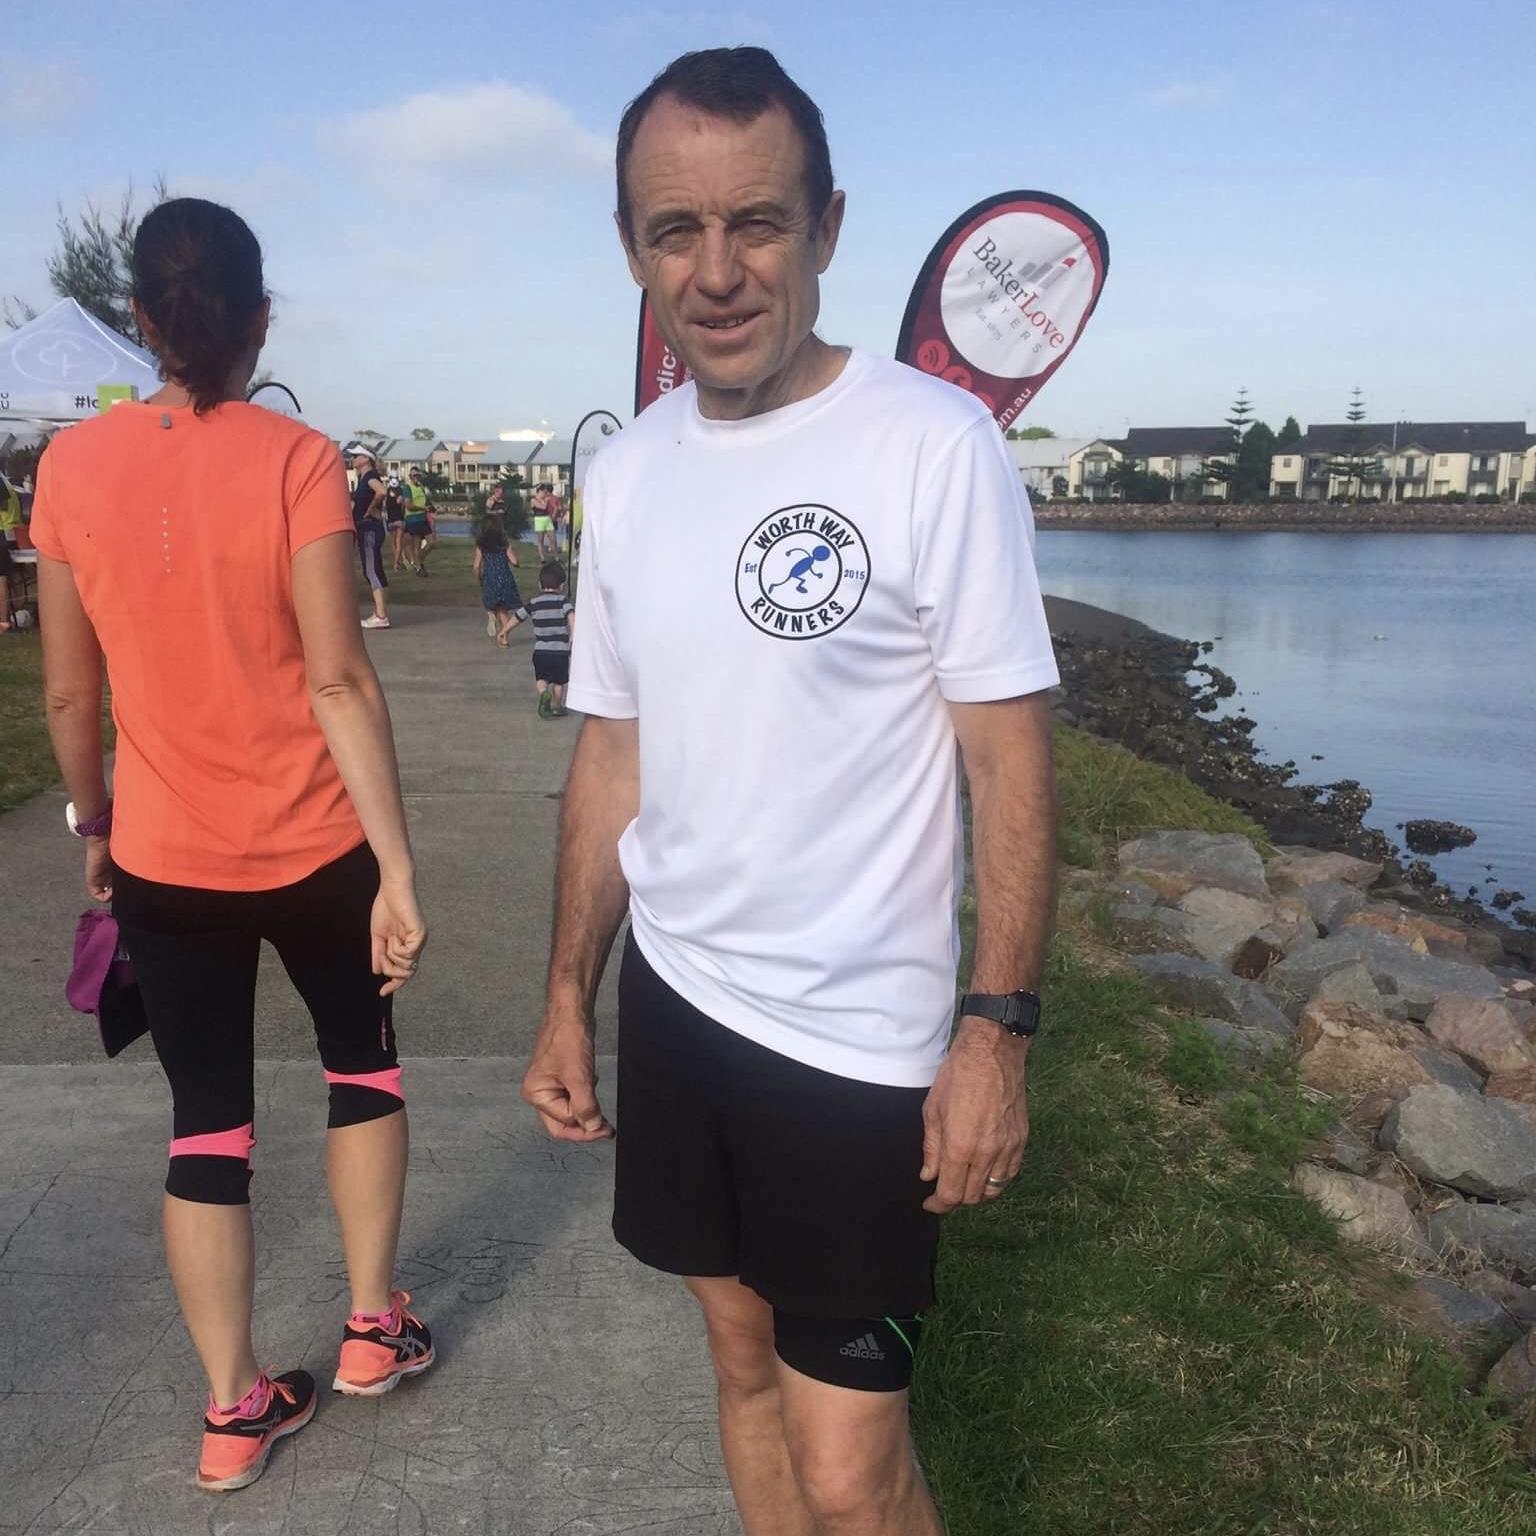 Worth Way Runners - Unisex Running Shirt